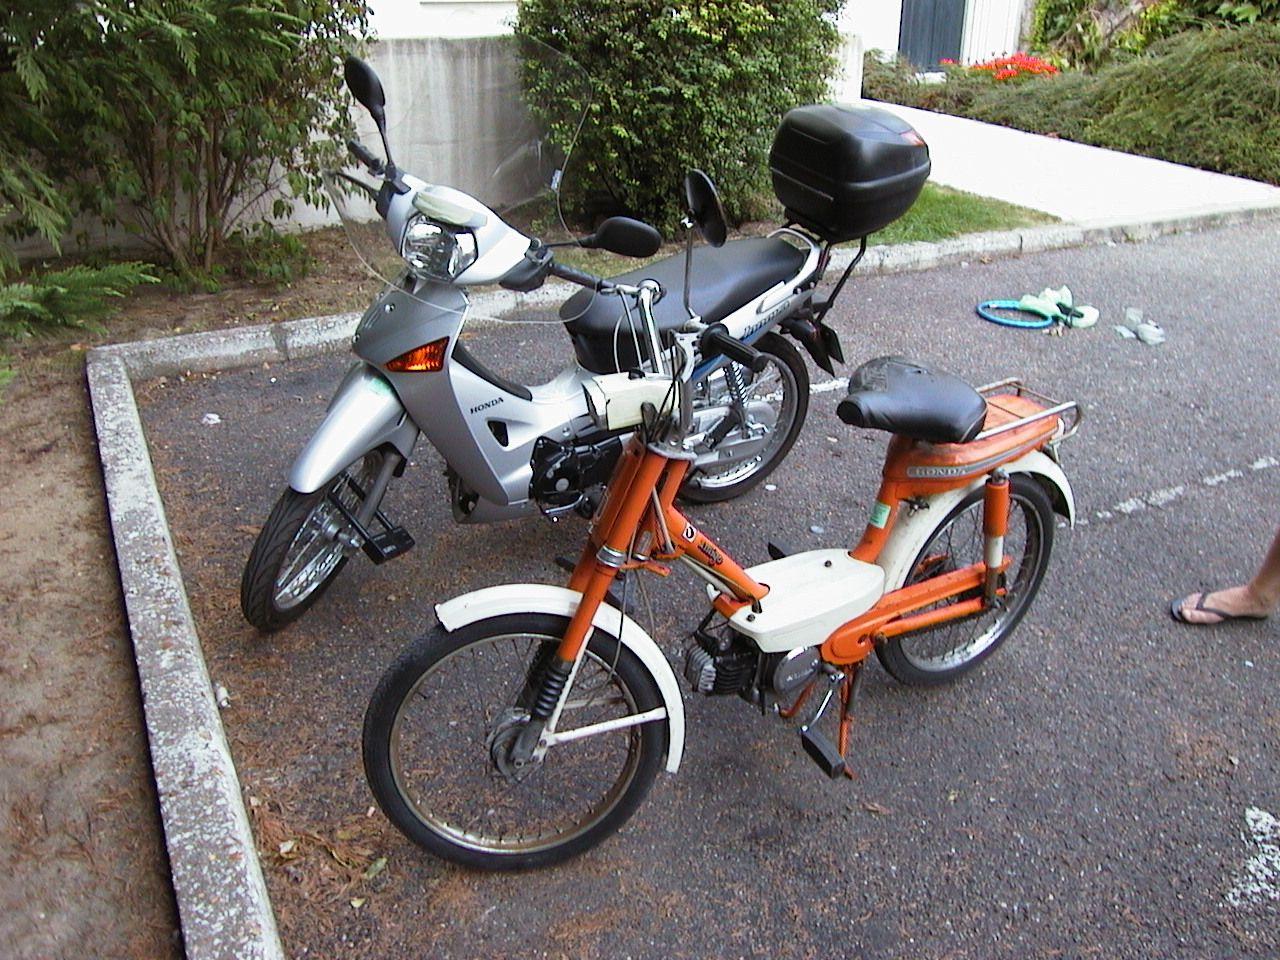 my honda amigo 50cc honda innova 125cc moped. Black Bedroom Furniture Sets. Home Design Ideas